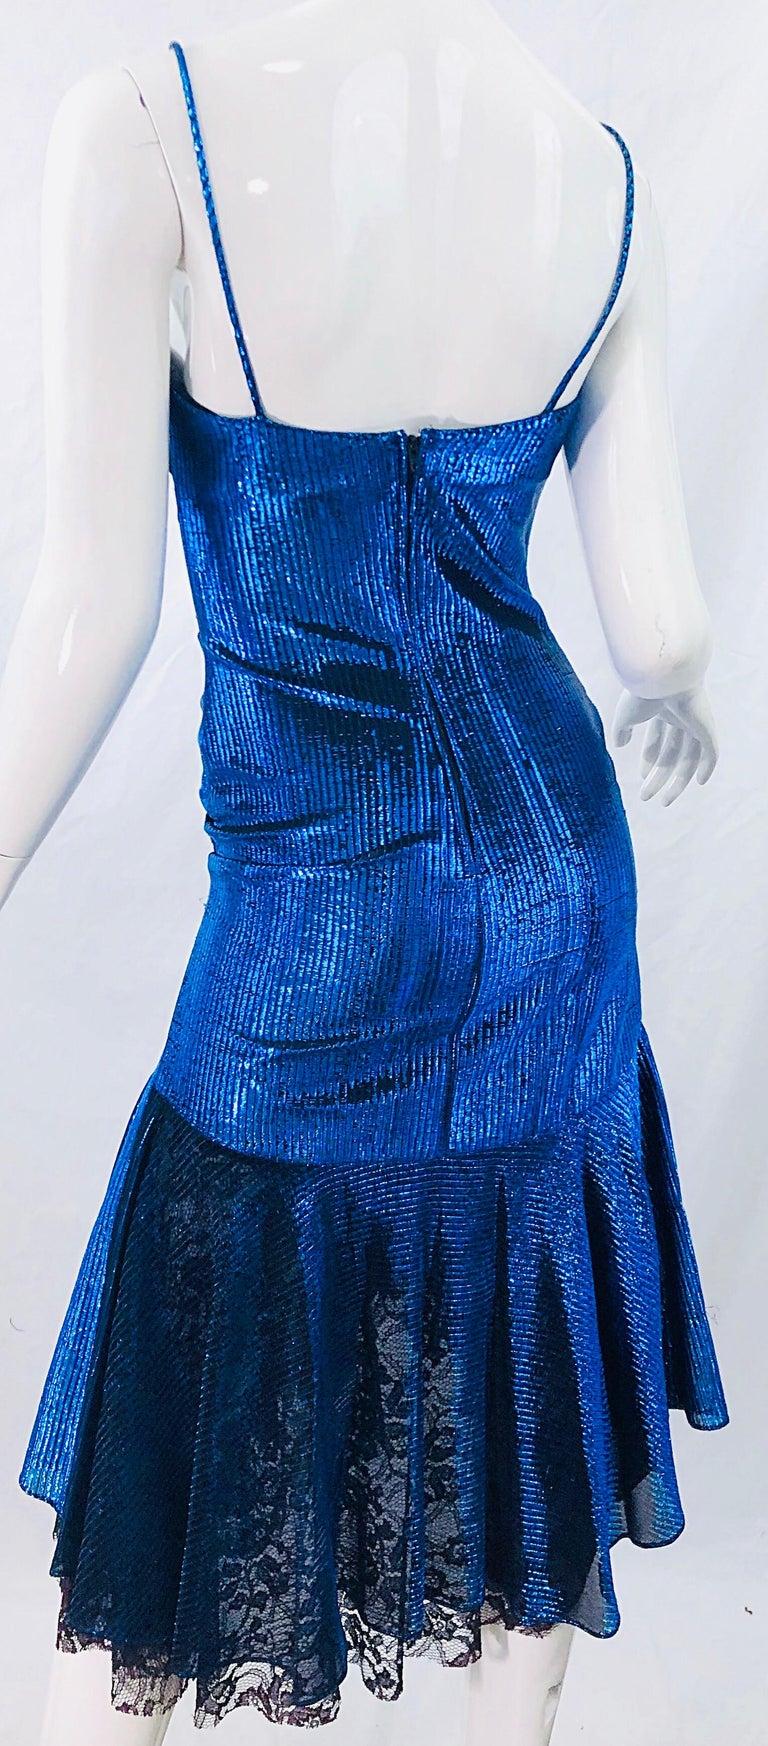 1980s Samir Electric Blue Lurex + Black Lace Handkerchief Hem Vintage 80s Dress For Sale 3